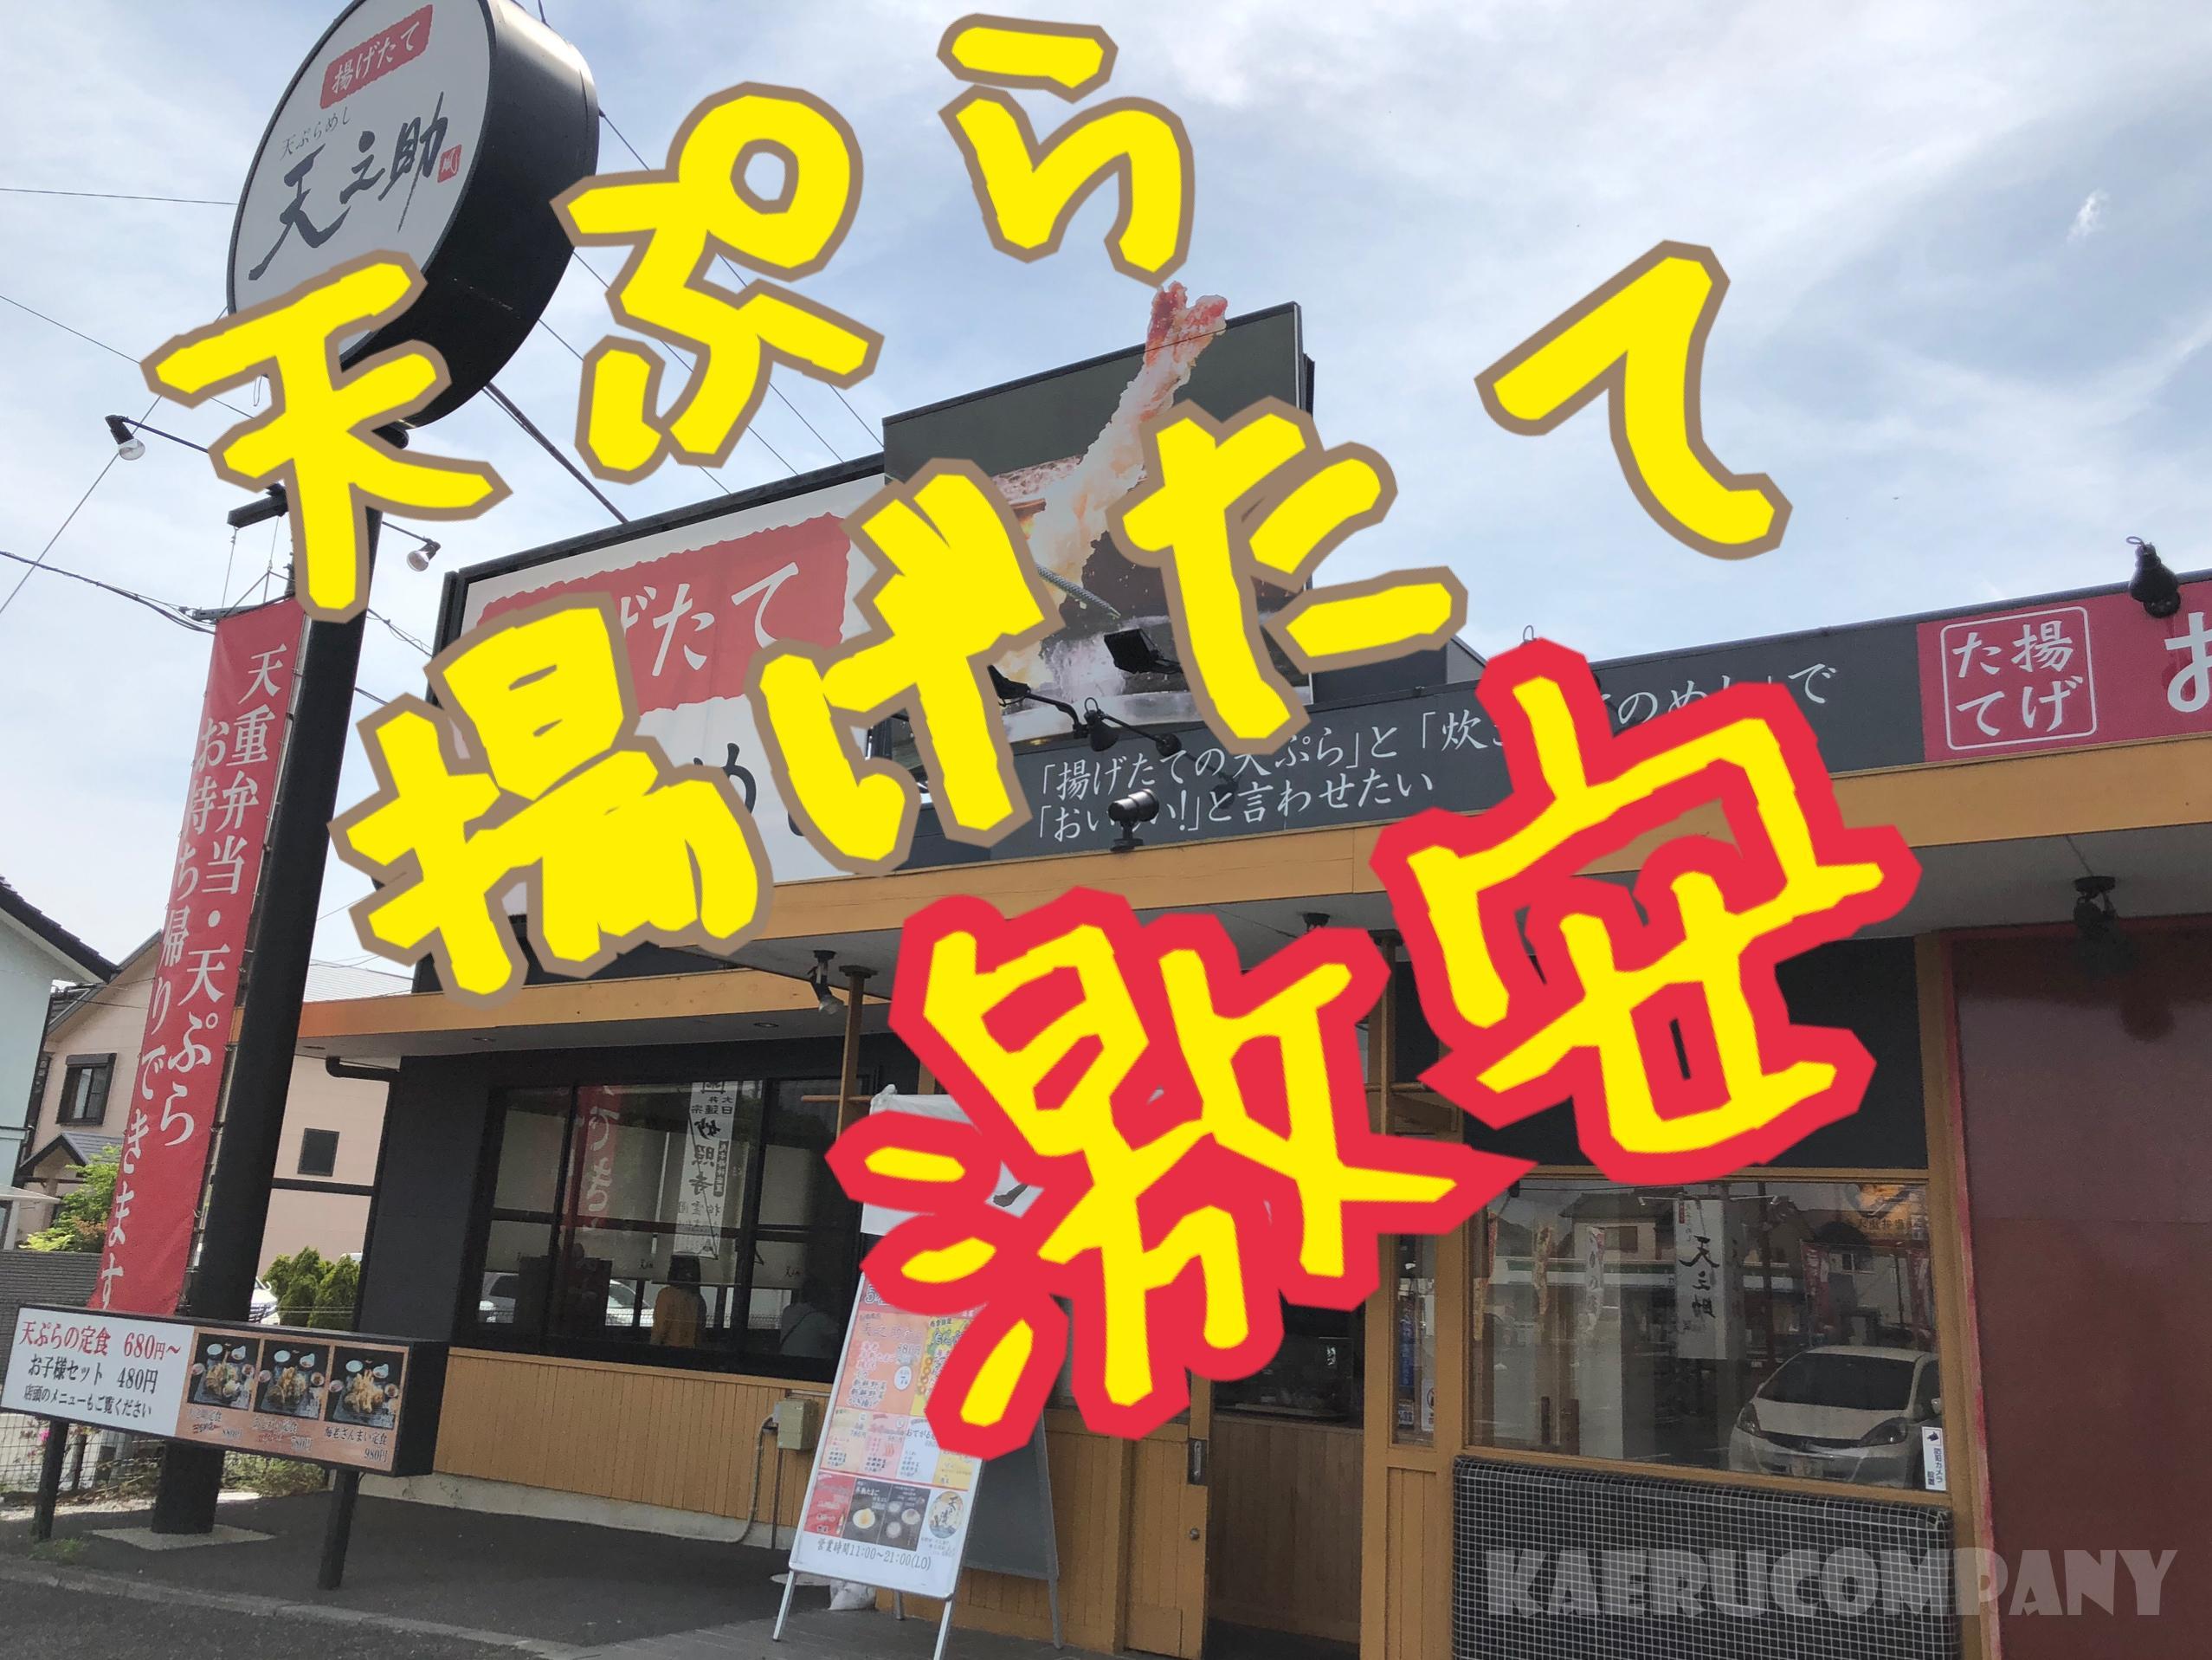 揚げたて天ぷらを安く食べたいならここ!天乃助に行ってきた